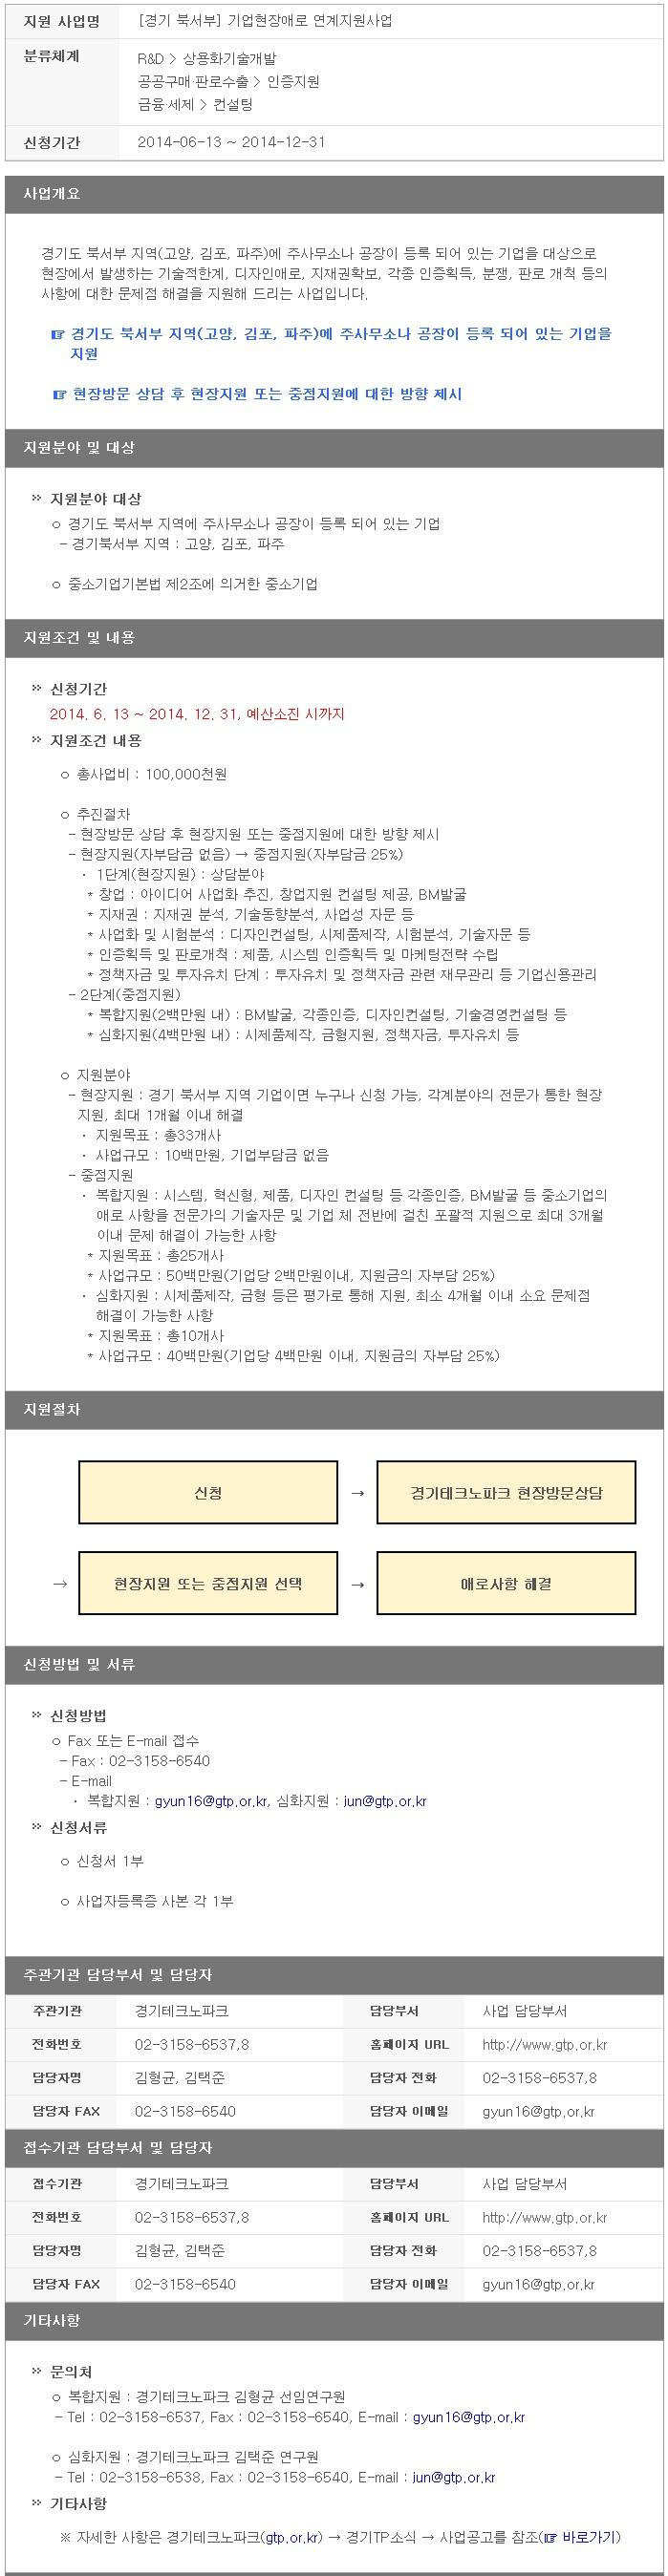 경기도 기업애로지원사업.jpg